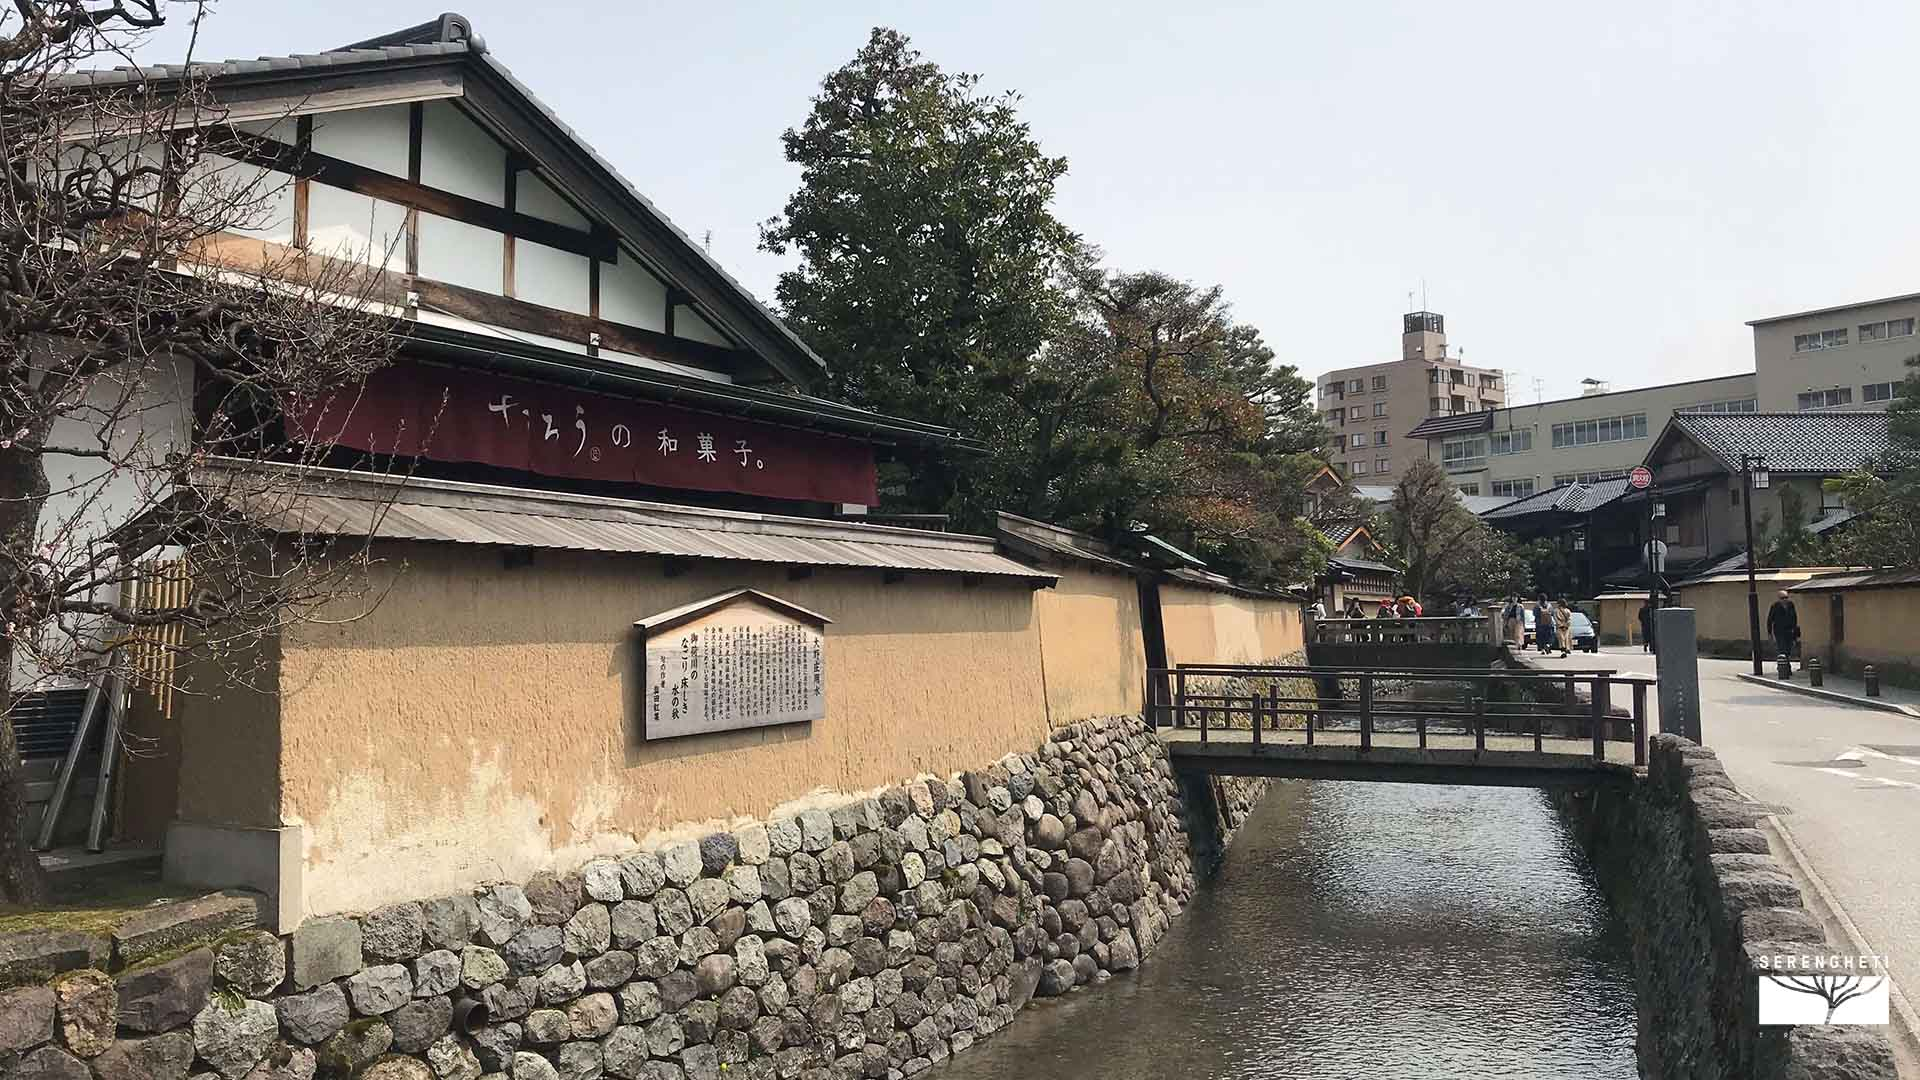 kanazawa-quartiere-nagamachi